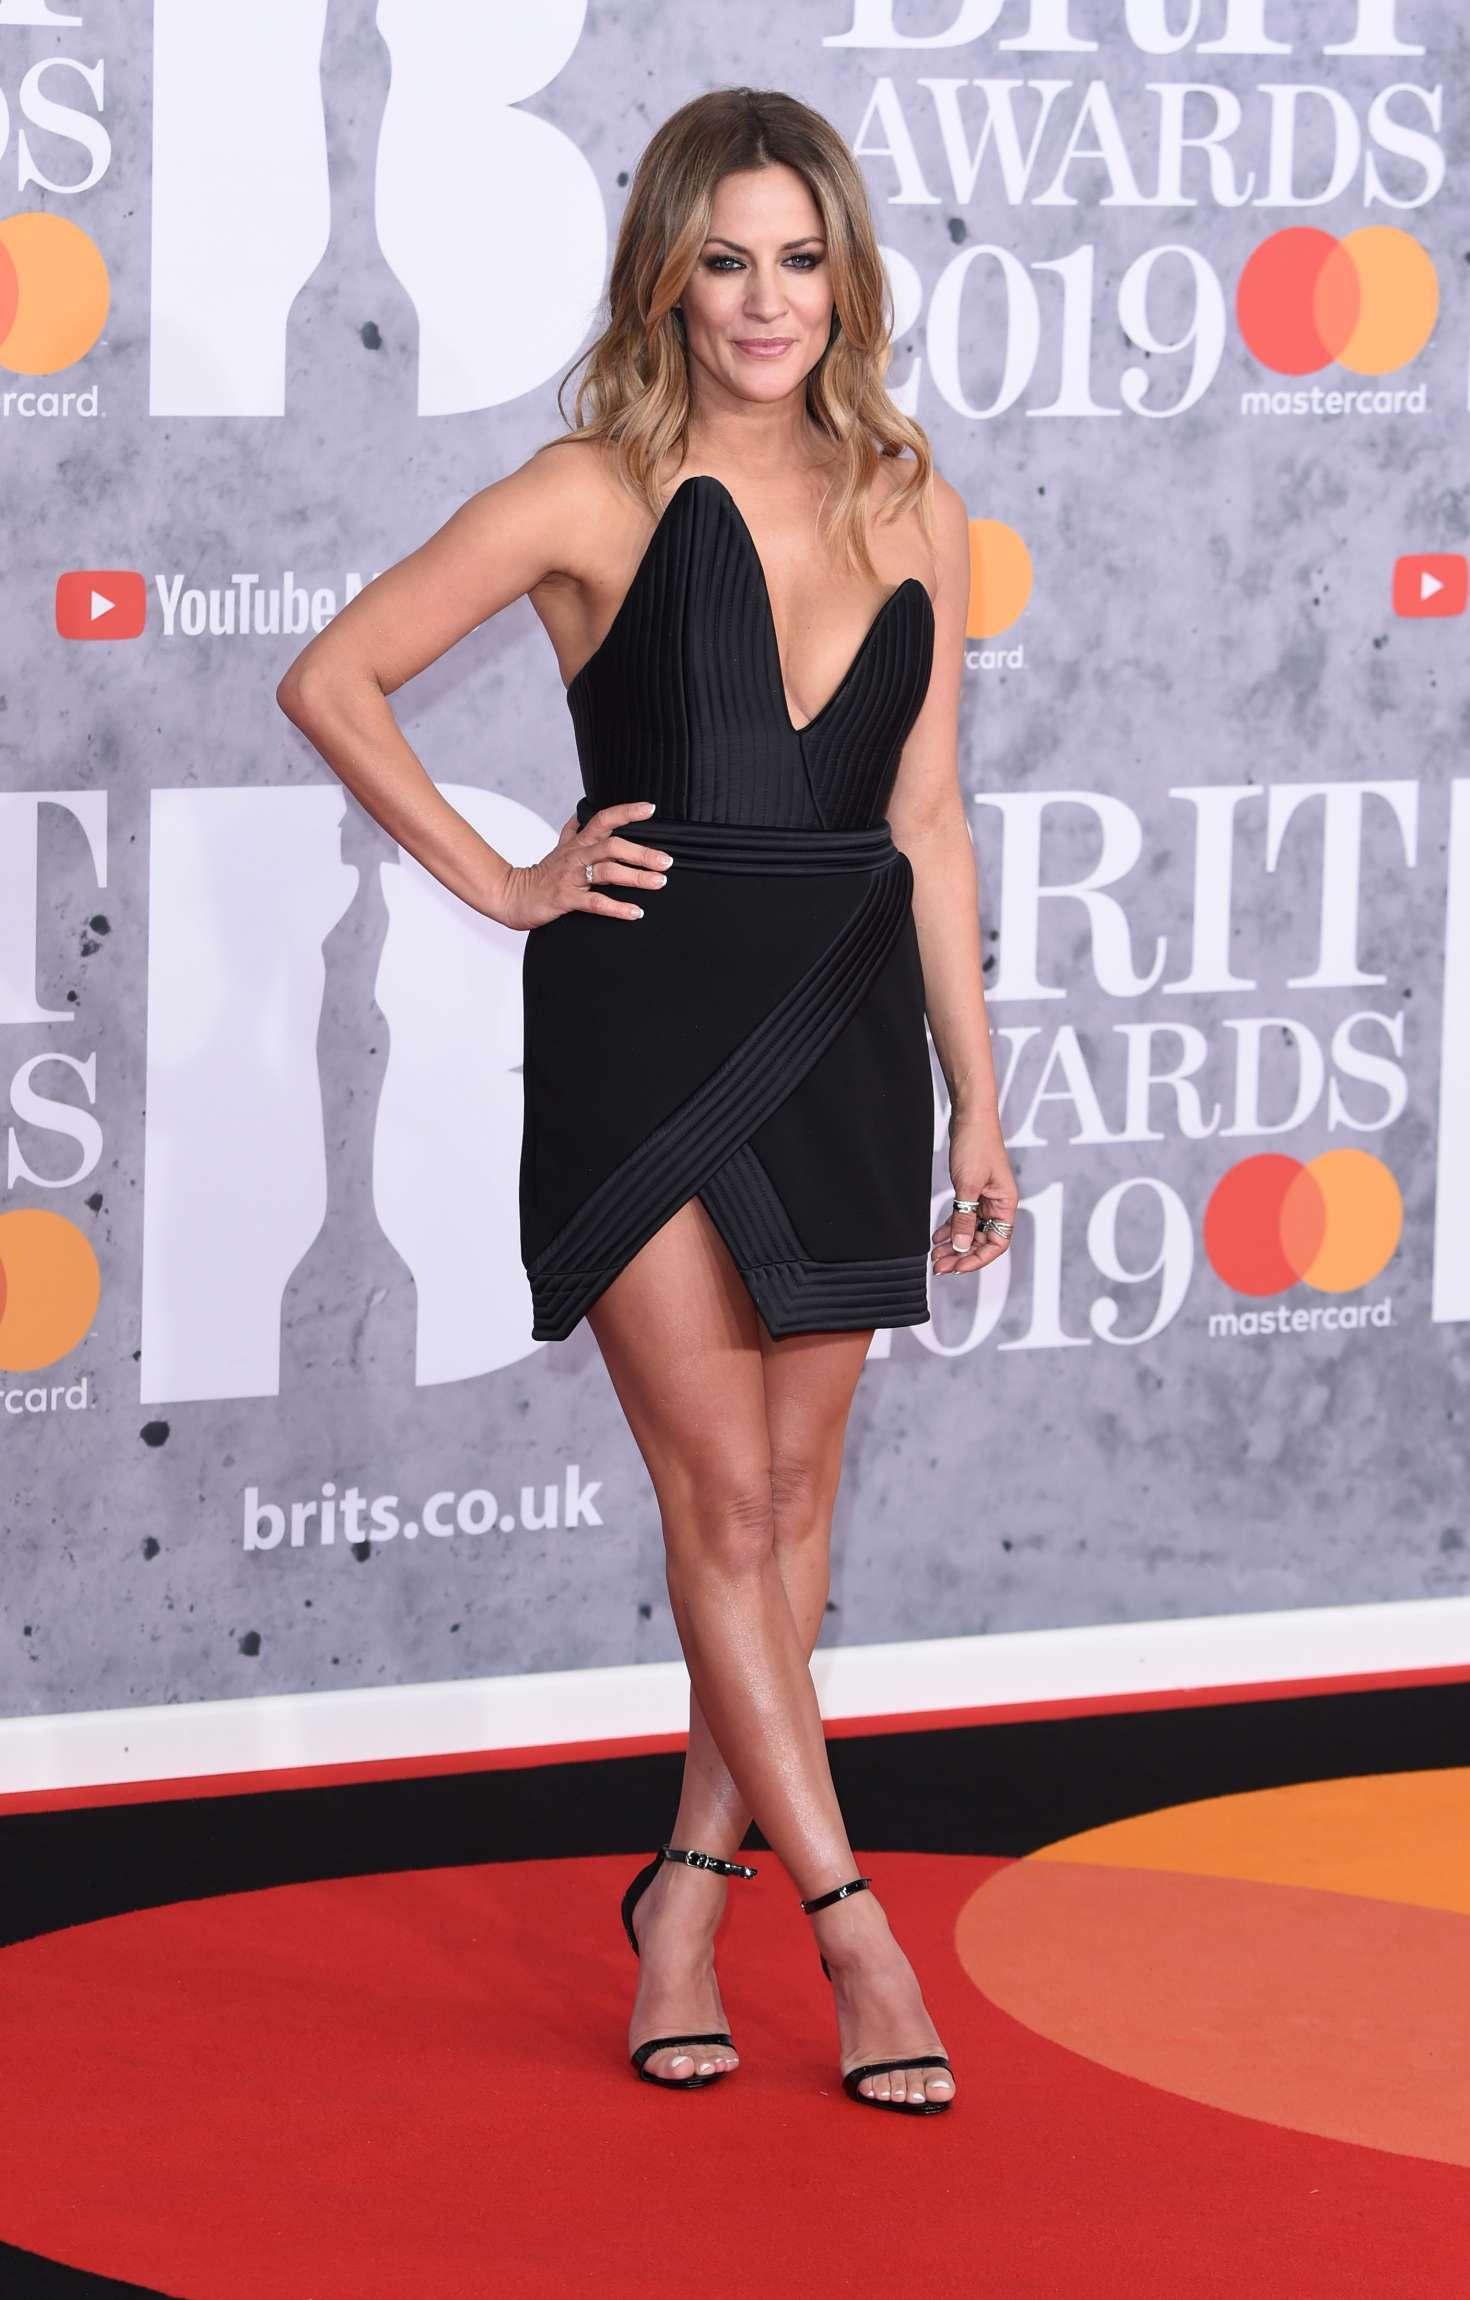 Caroline Flack - 2019 BRIT Awards in London